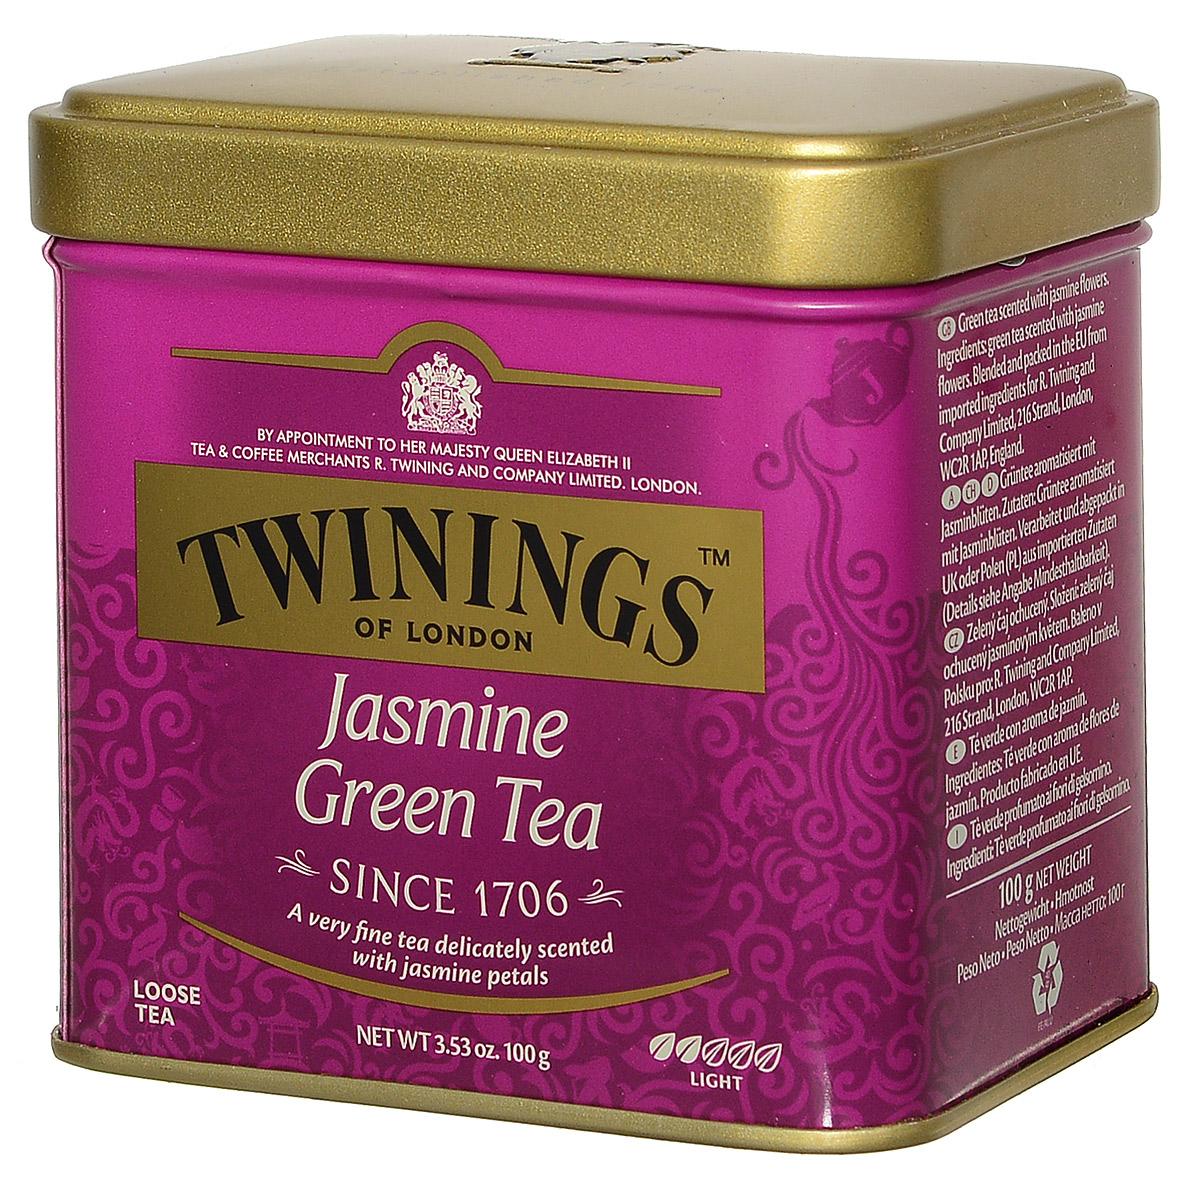 Twinings Jasmine Tea зеленый листовой чай с жасмином, 100 г (ж/б)070177029760Twinings Jasmine Tea - это смесь сортов зеленого чая с добавлением цветков жасмина, который способен доставить истинное наслаждение настоящим ценителям. При заваривании получается прозрачный напиток с экзотическим утонченным ароматом и нежным вкусом. Twinings Jasmine также обладает благотворным воздействием на пищеварительную и нервную систему.Всё о чае: сорта, факты, советы по выбору и употреблению. Статья OZON Гид